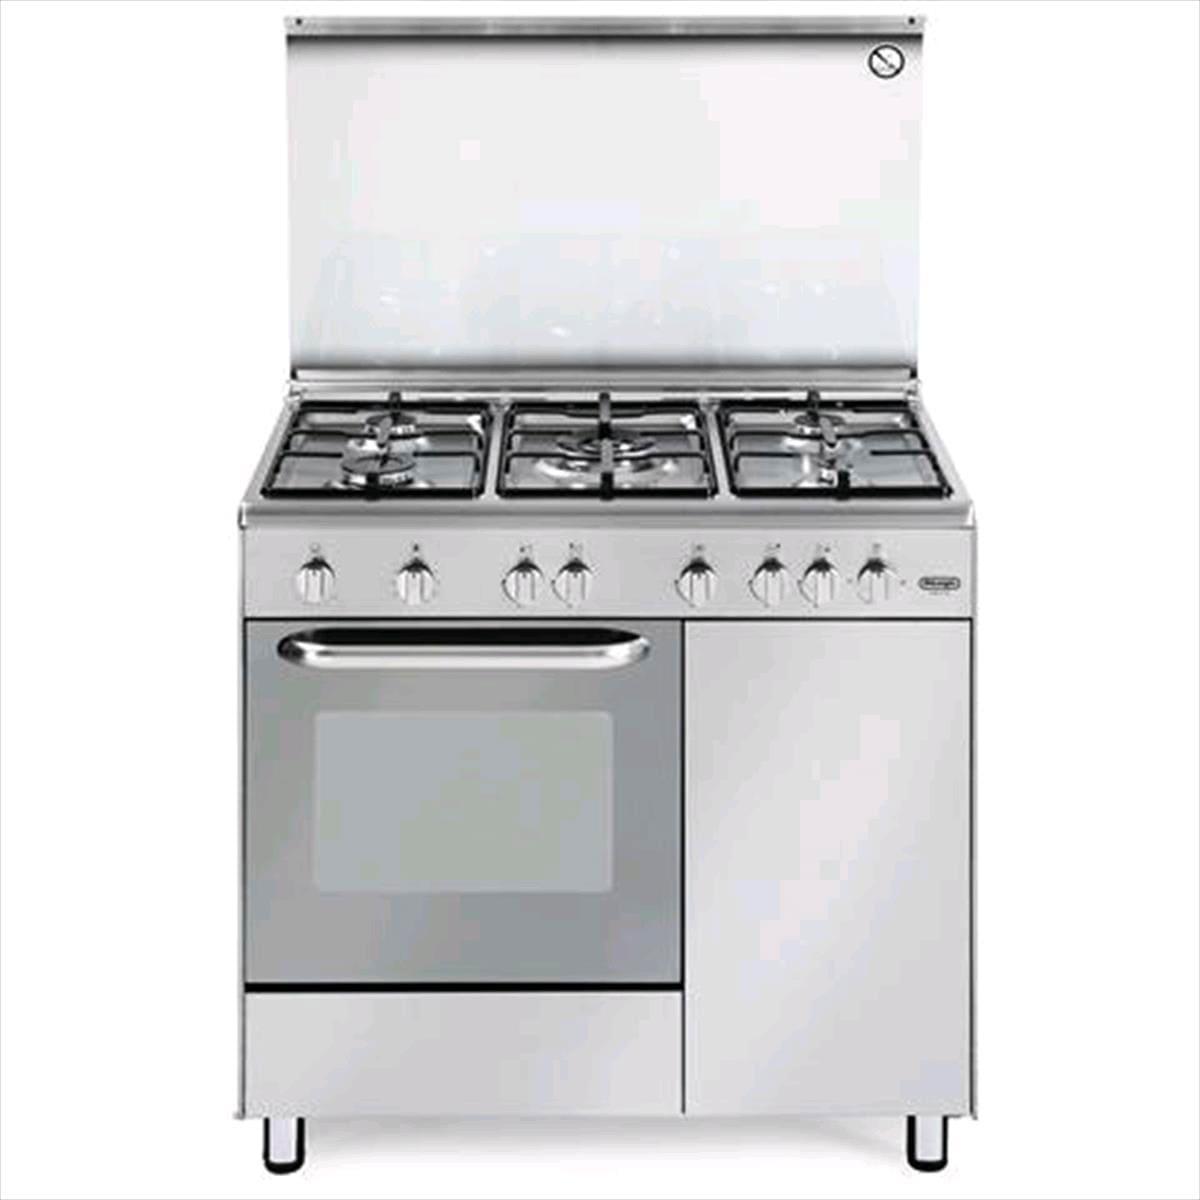 Cucine A Gas Con Forno A Gas Usate.Cucina A Gas De Longhi Dgx 96 B5 5 Fuochi Forno Gas In Offerta Su